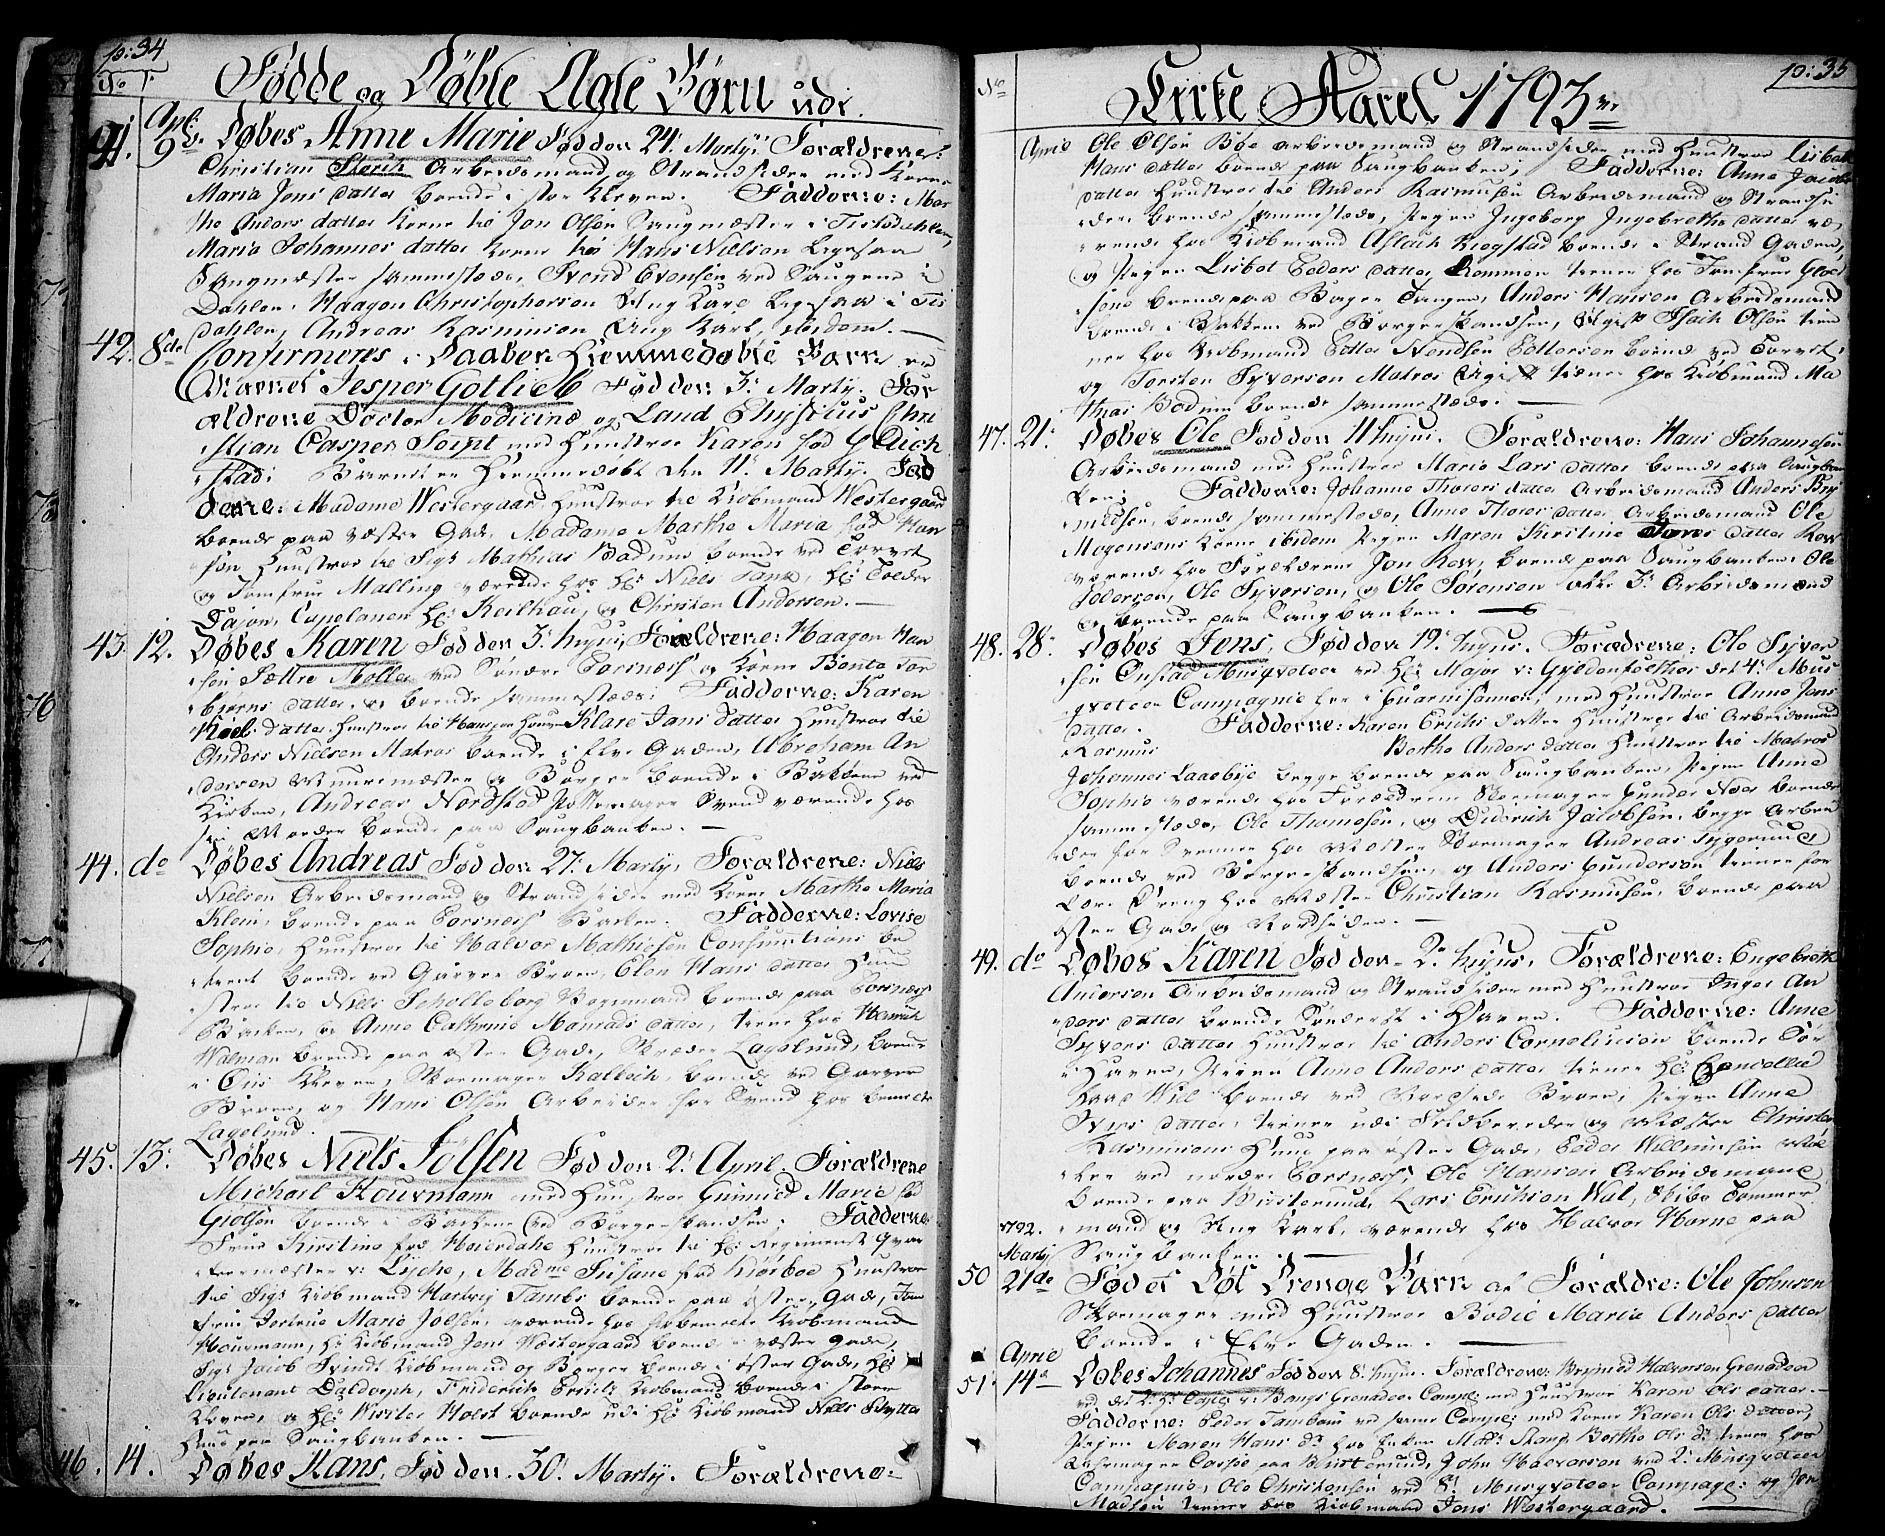 SAO, Halden prestekontor Kirkebøker, F/Fa/L0002: Ministerialbok nr. I 2, 1792-1812, s. 34-35